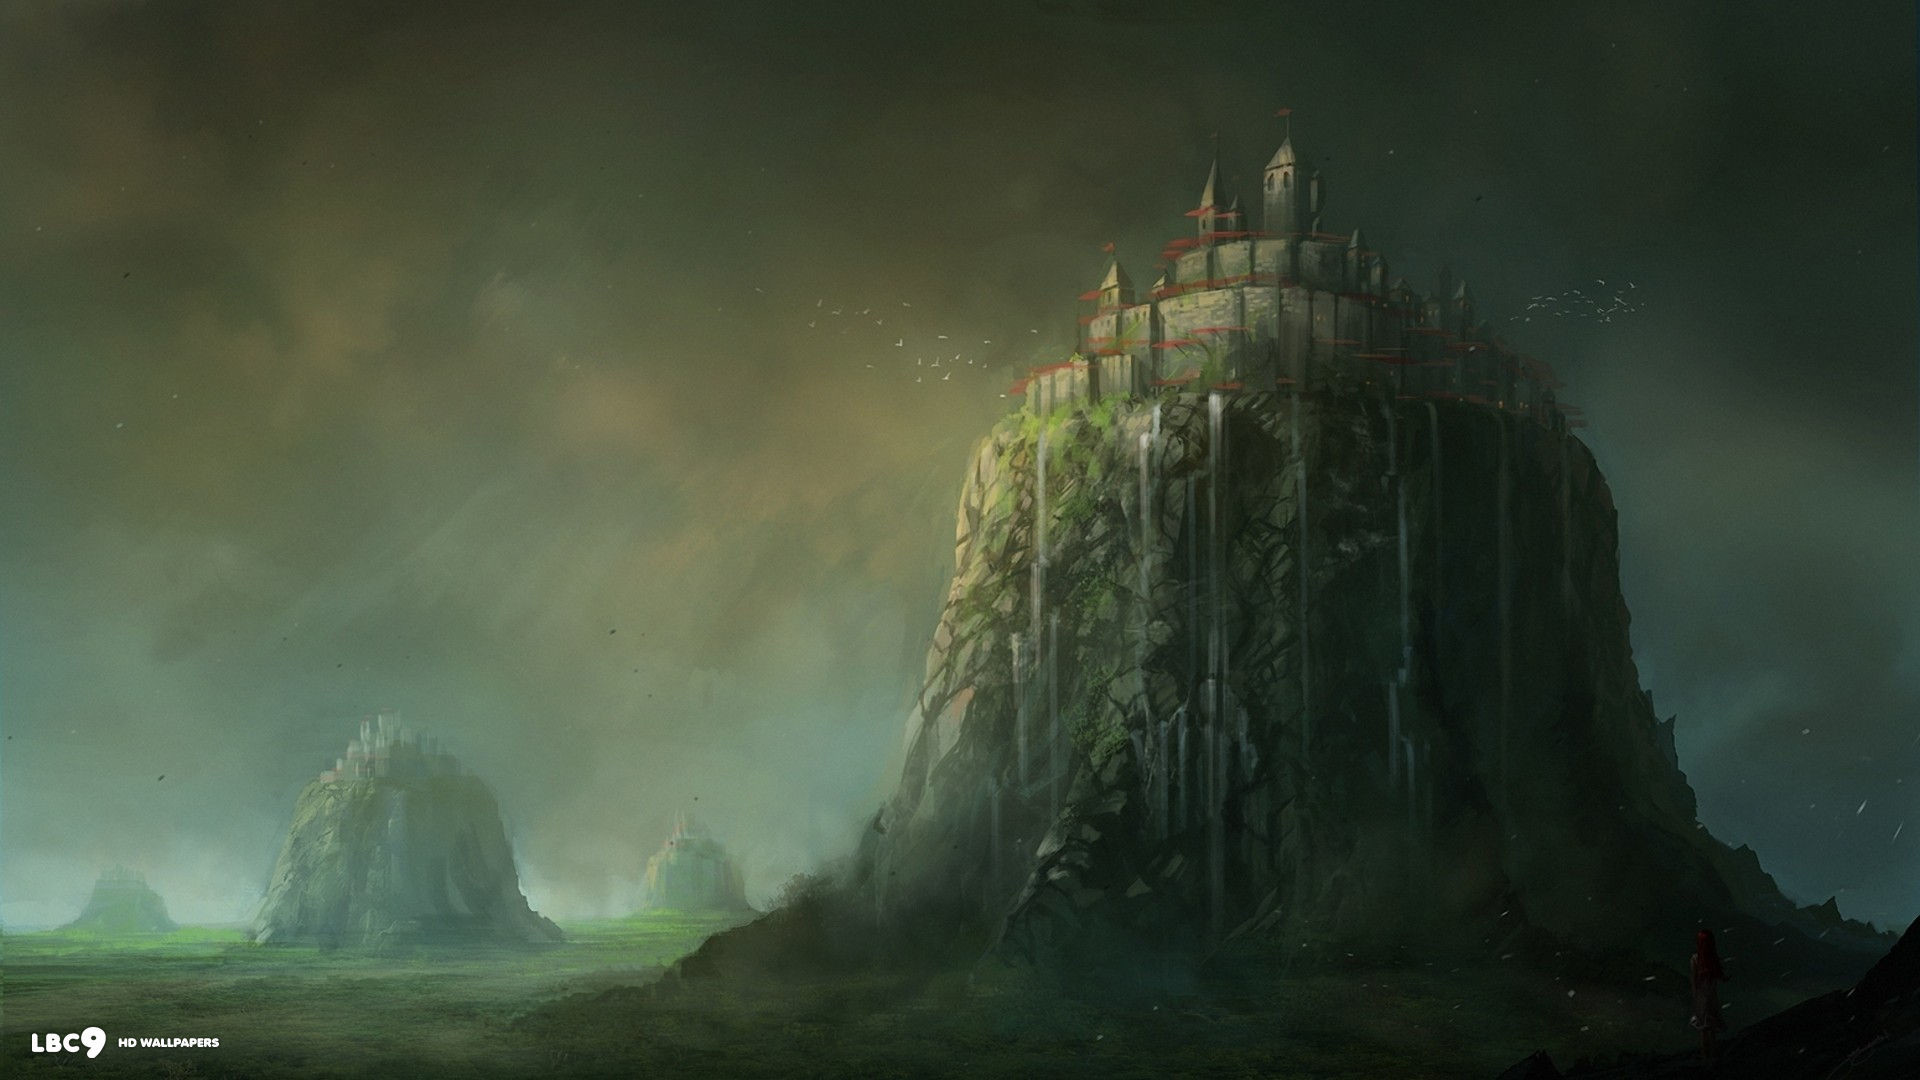 castles fantasy art